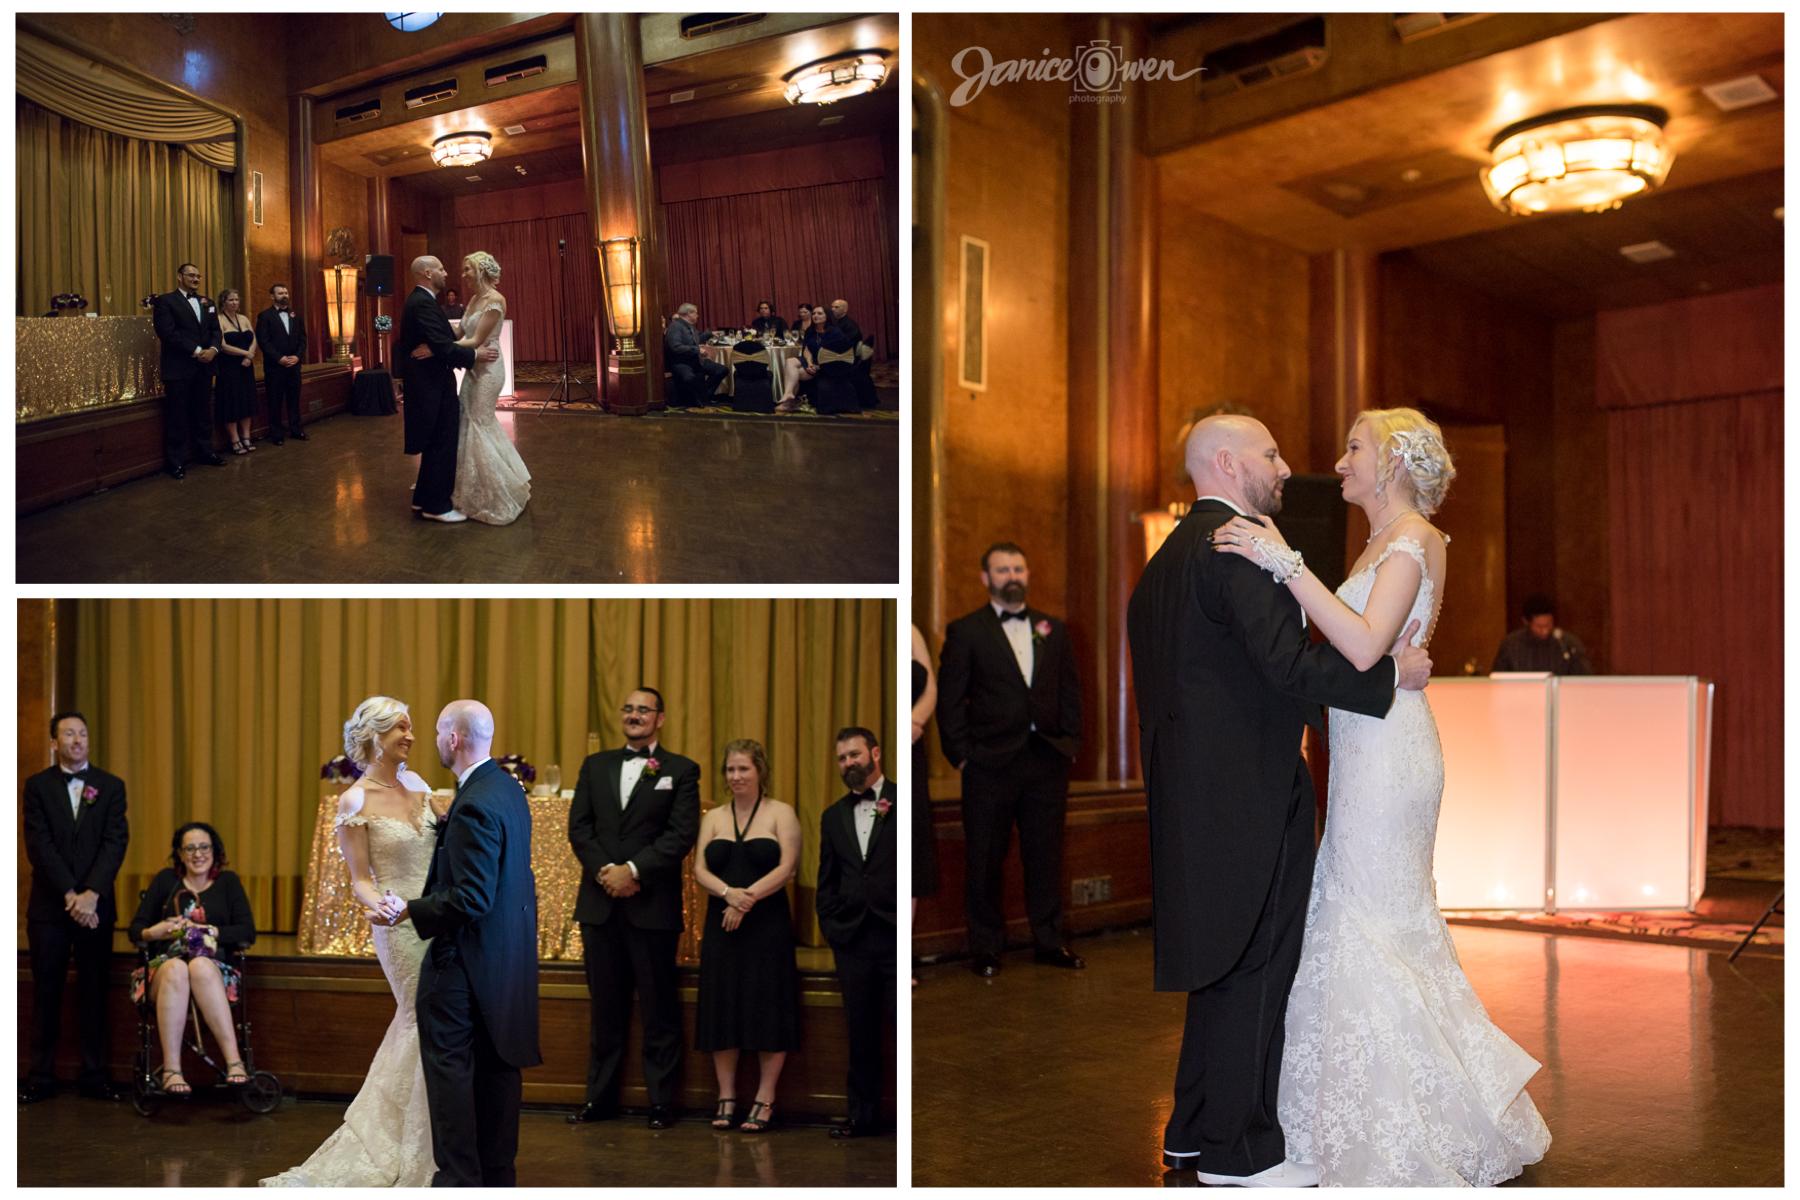 janiceowenphotography_wedding90.jpg